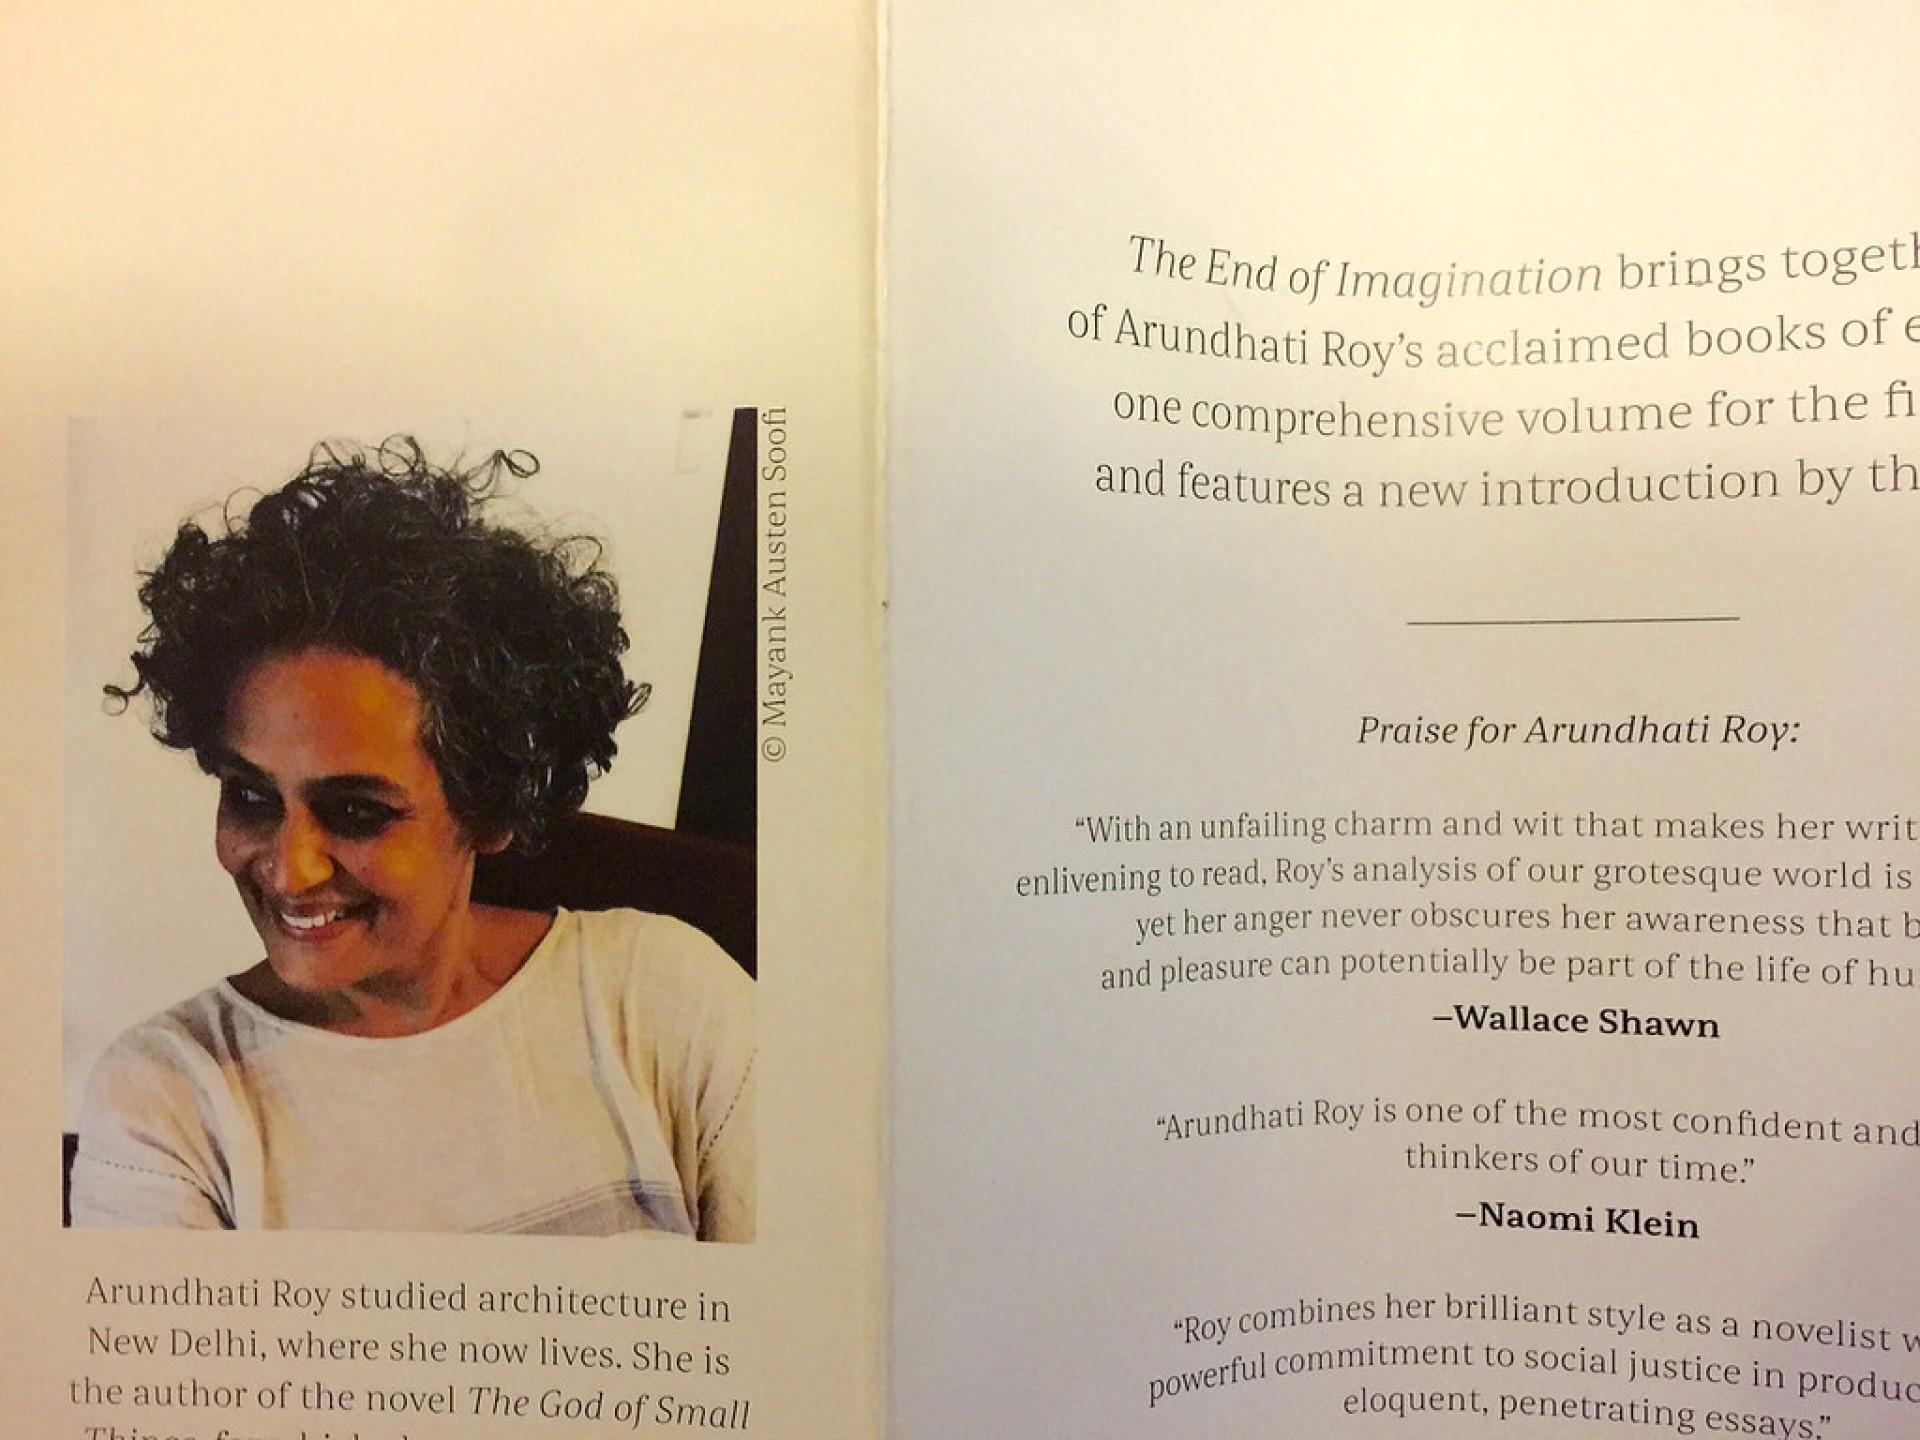 001 29712606991 5ca5892526 B Essays By Arundhati Roy Essay Sensational 1920